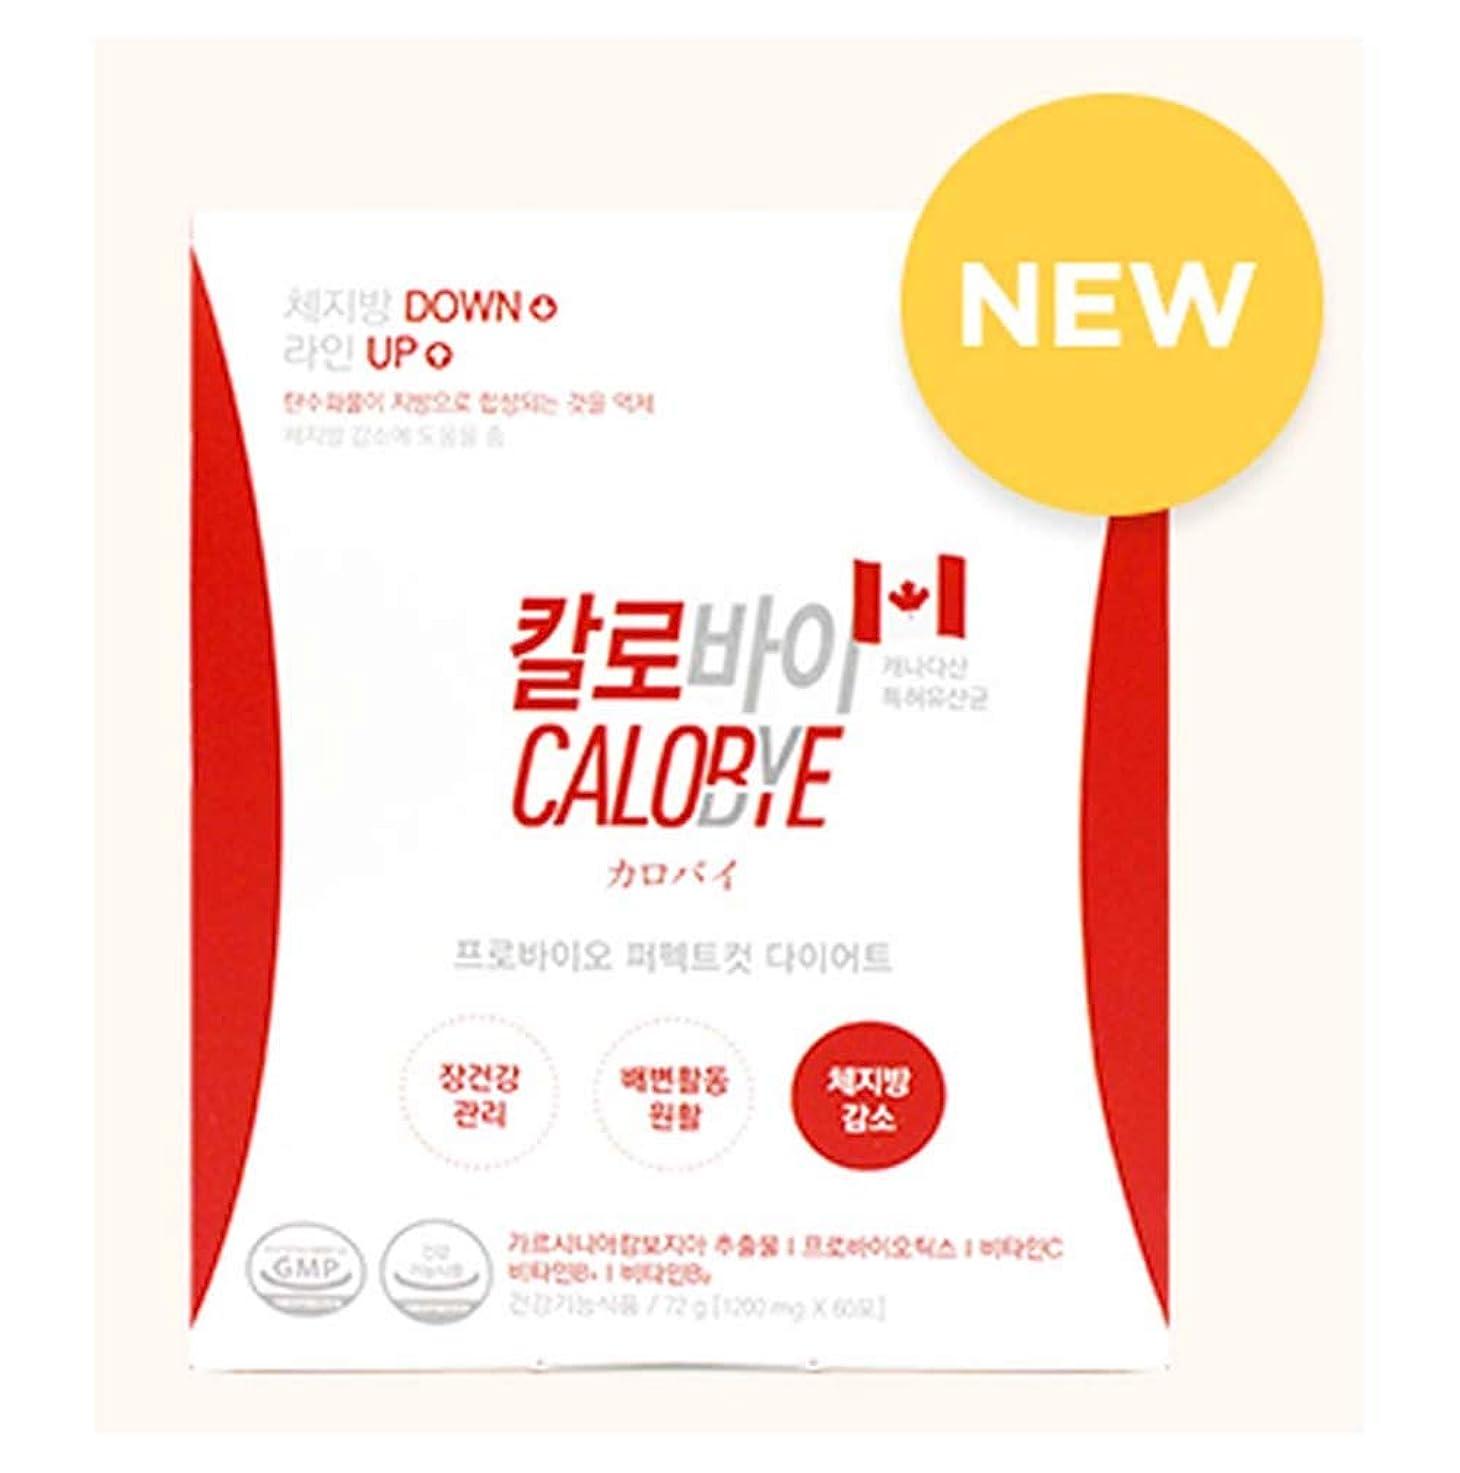 バケツリラックスした鳩New CALOBYE Premium: 減量食薬 Weight Loss Diet for 1month (60 Pouch=240pills/2times in a Day Before a Meal) Made in Korea